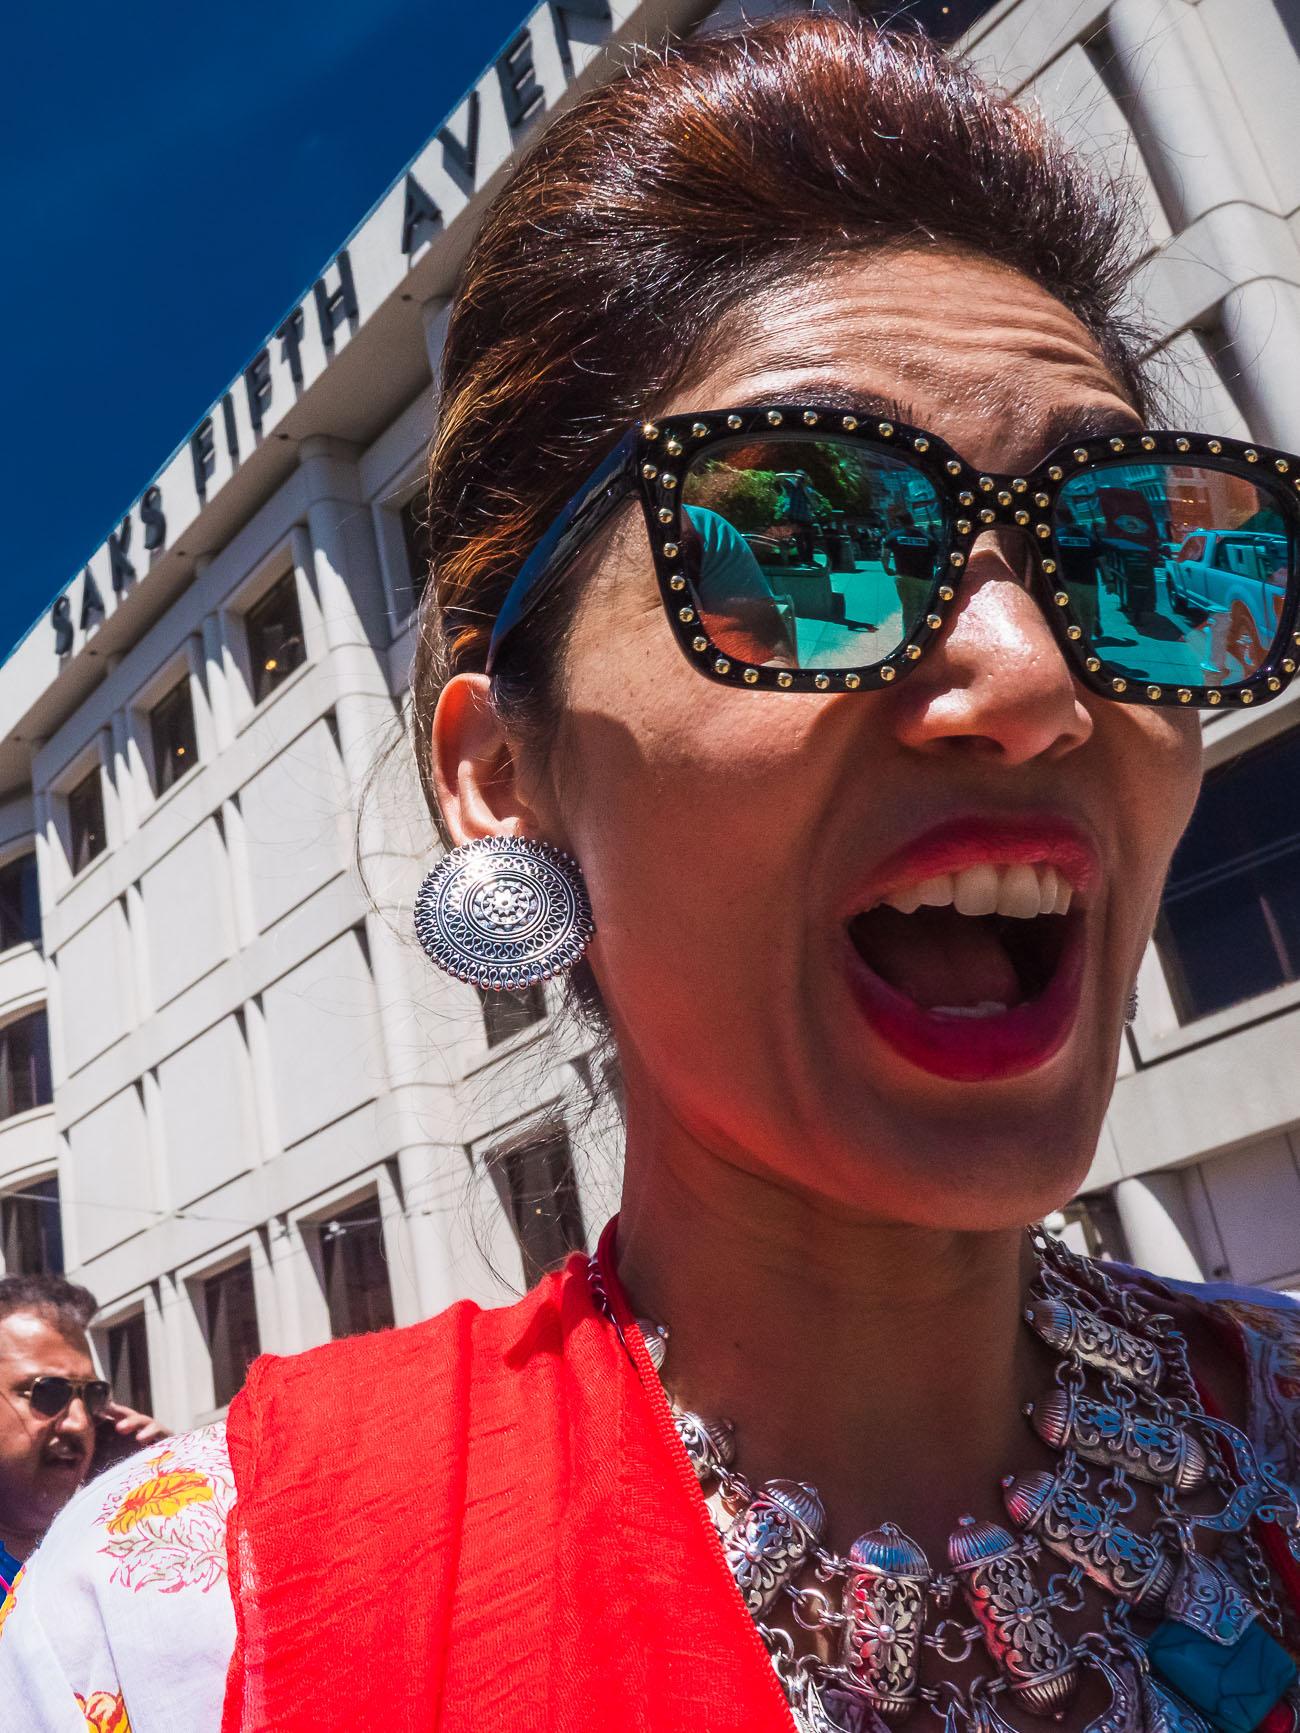 Frau in San Francisco hoch erfreut und überrascht